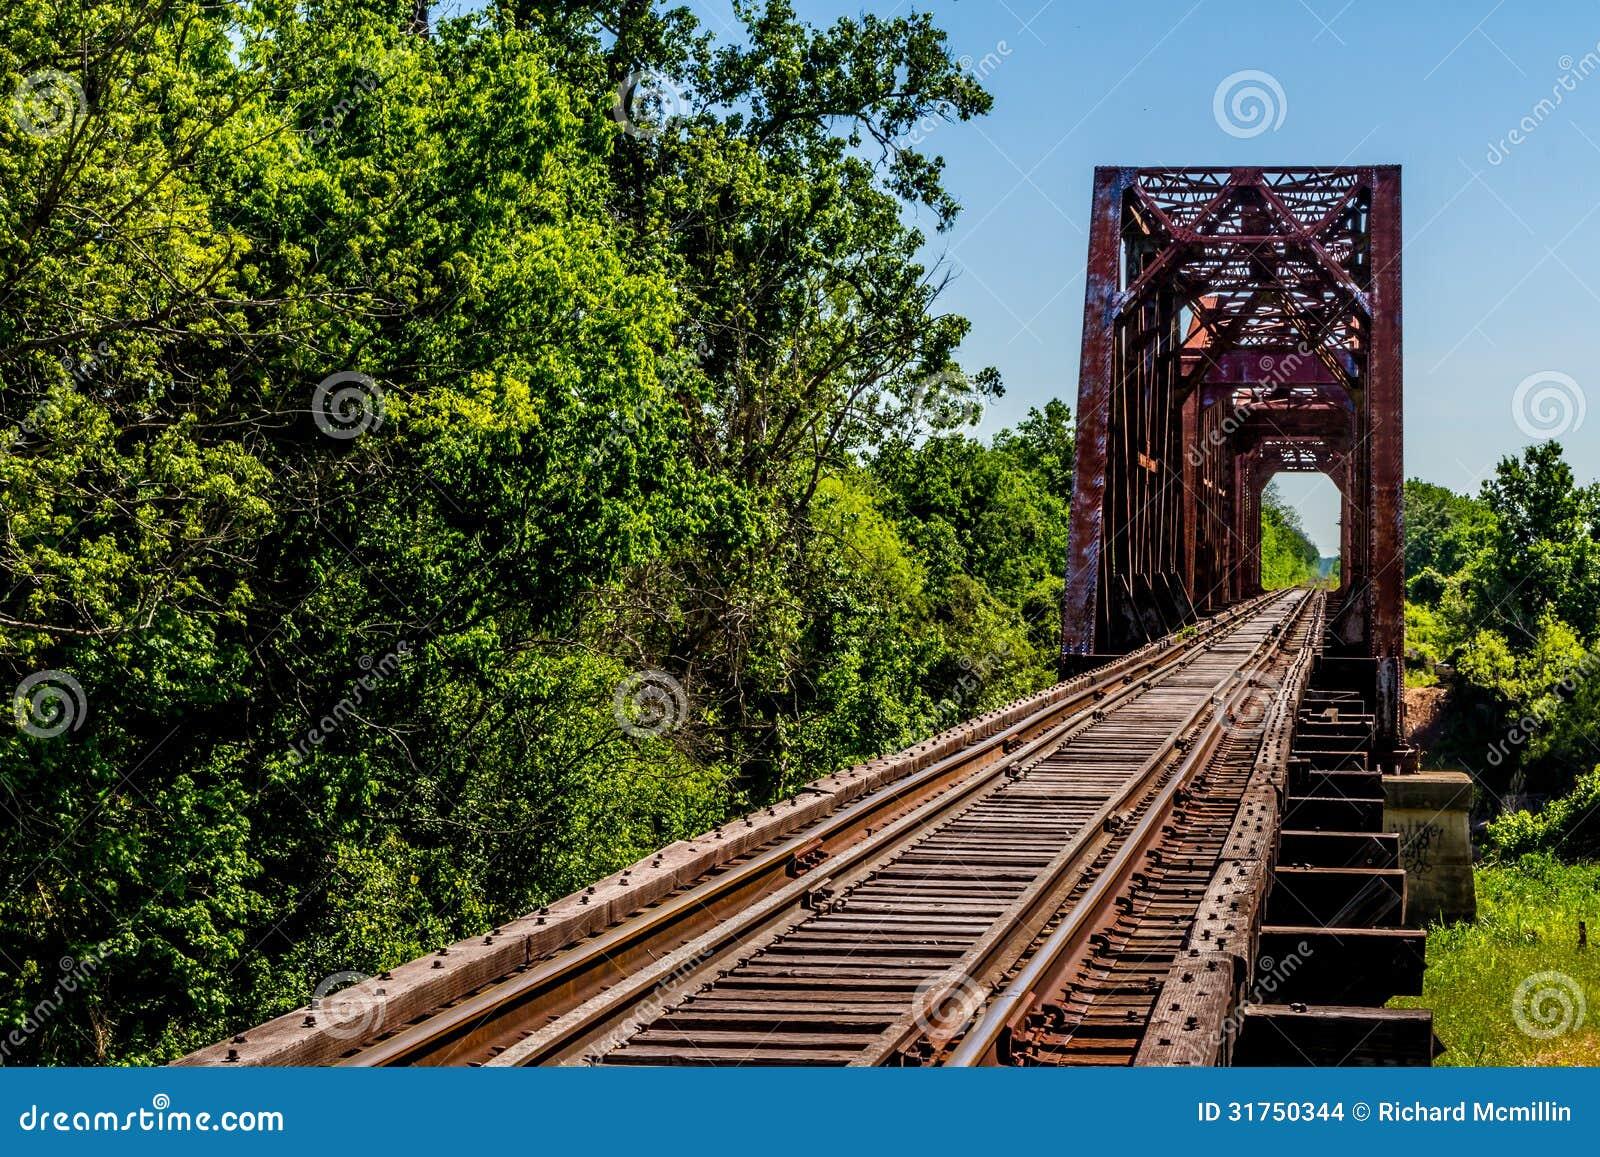 火车轨道和老偶象桁架桥的角度图。